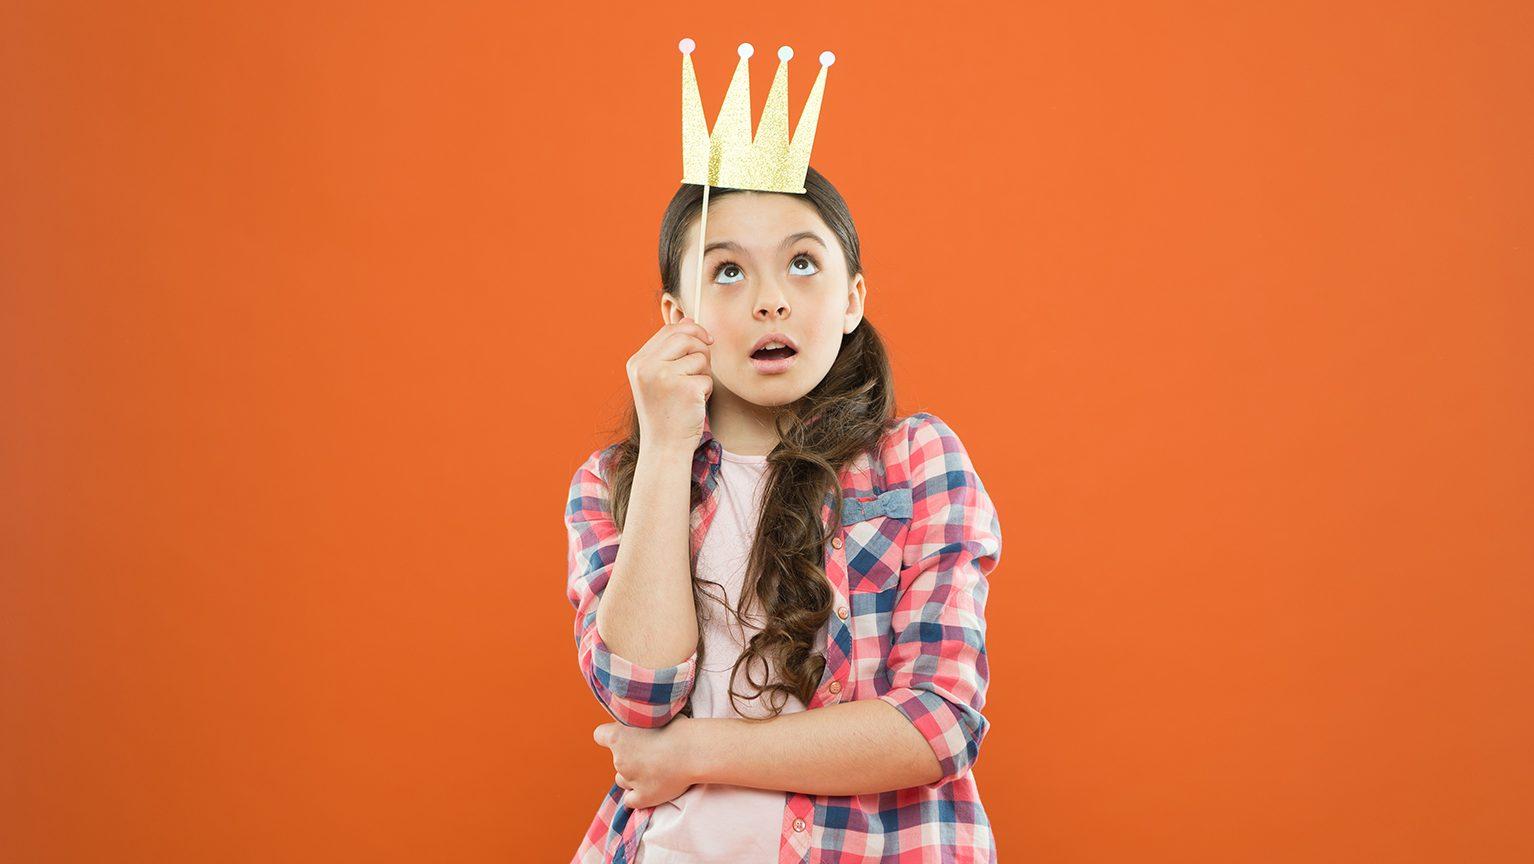 王冠をかぶる女の子